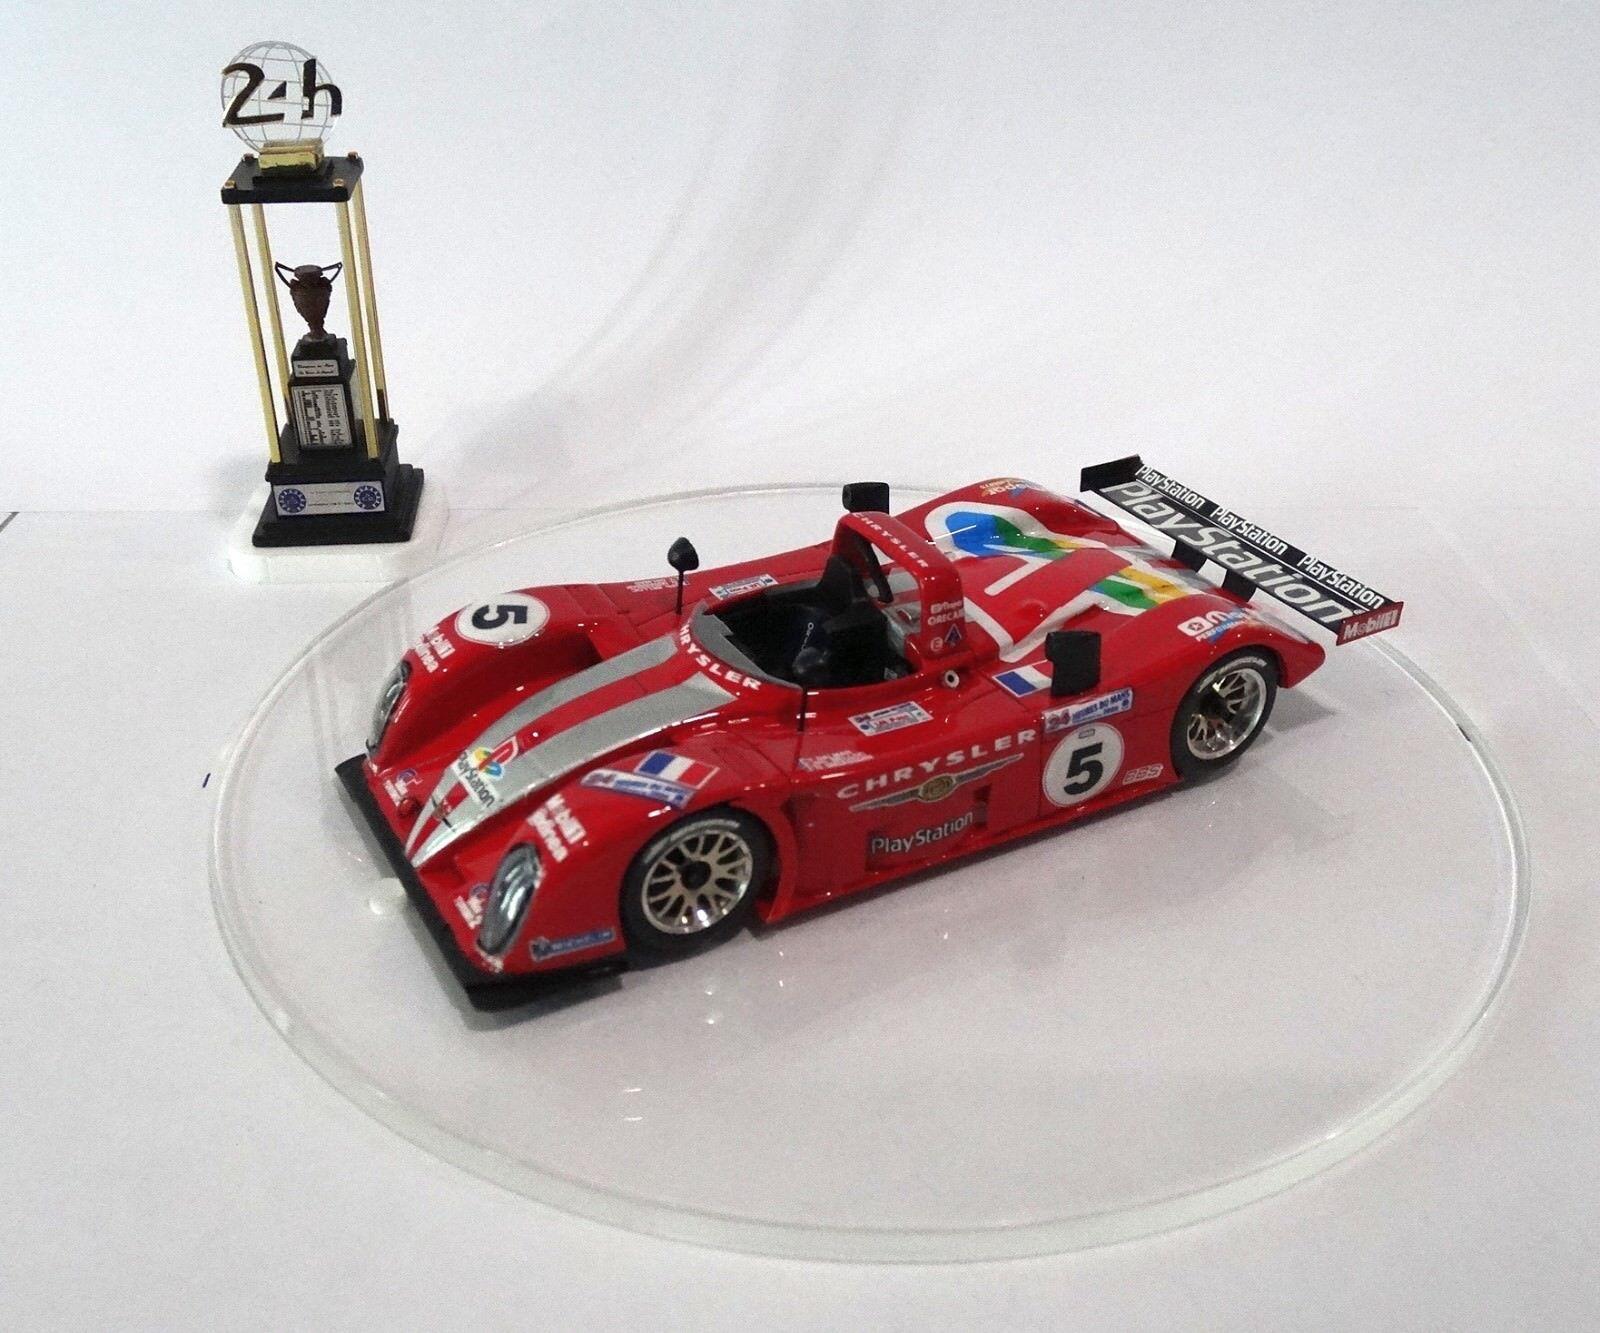 REYNARD 2KQ Mopar  5  24H Le Mans 2000 Built Monté Kit 1/43 no spark minichamps